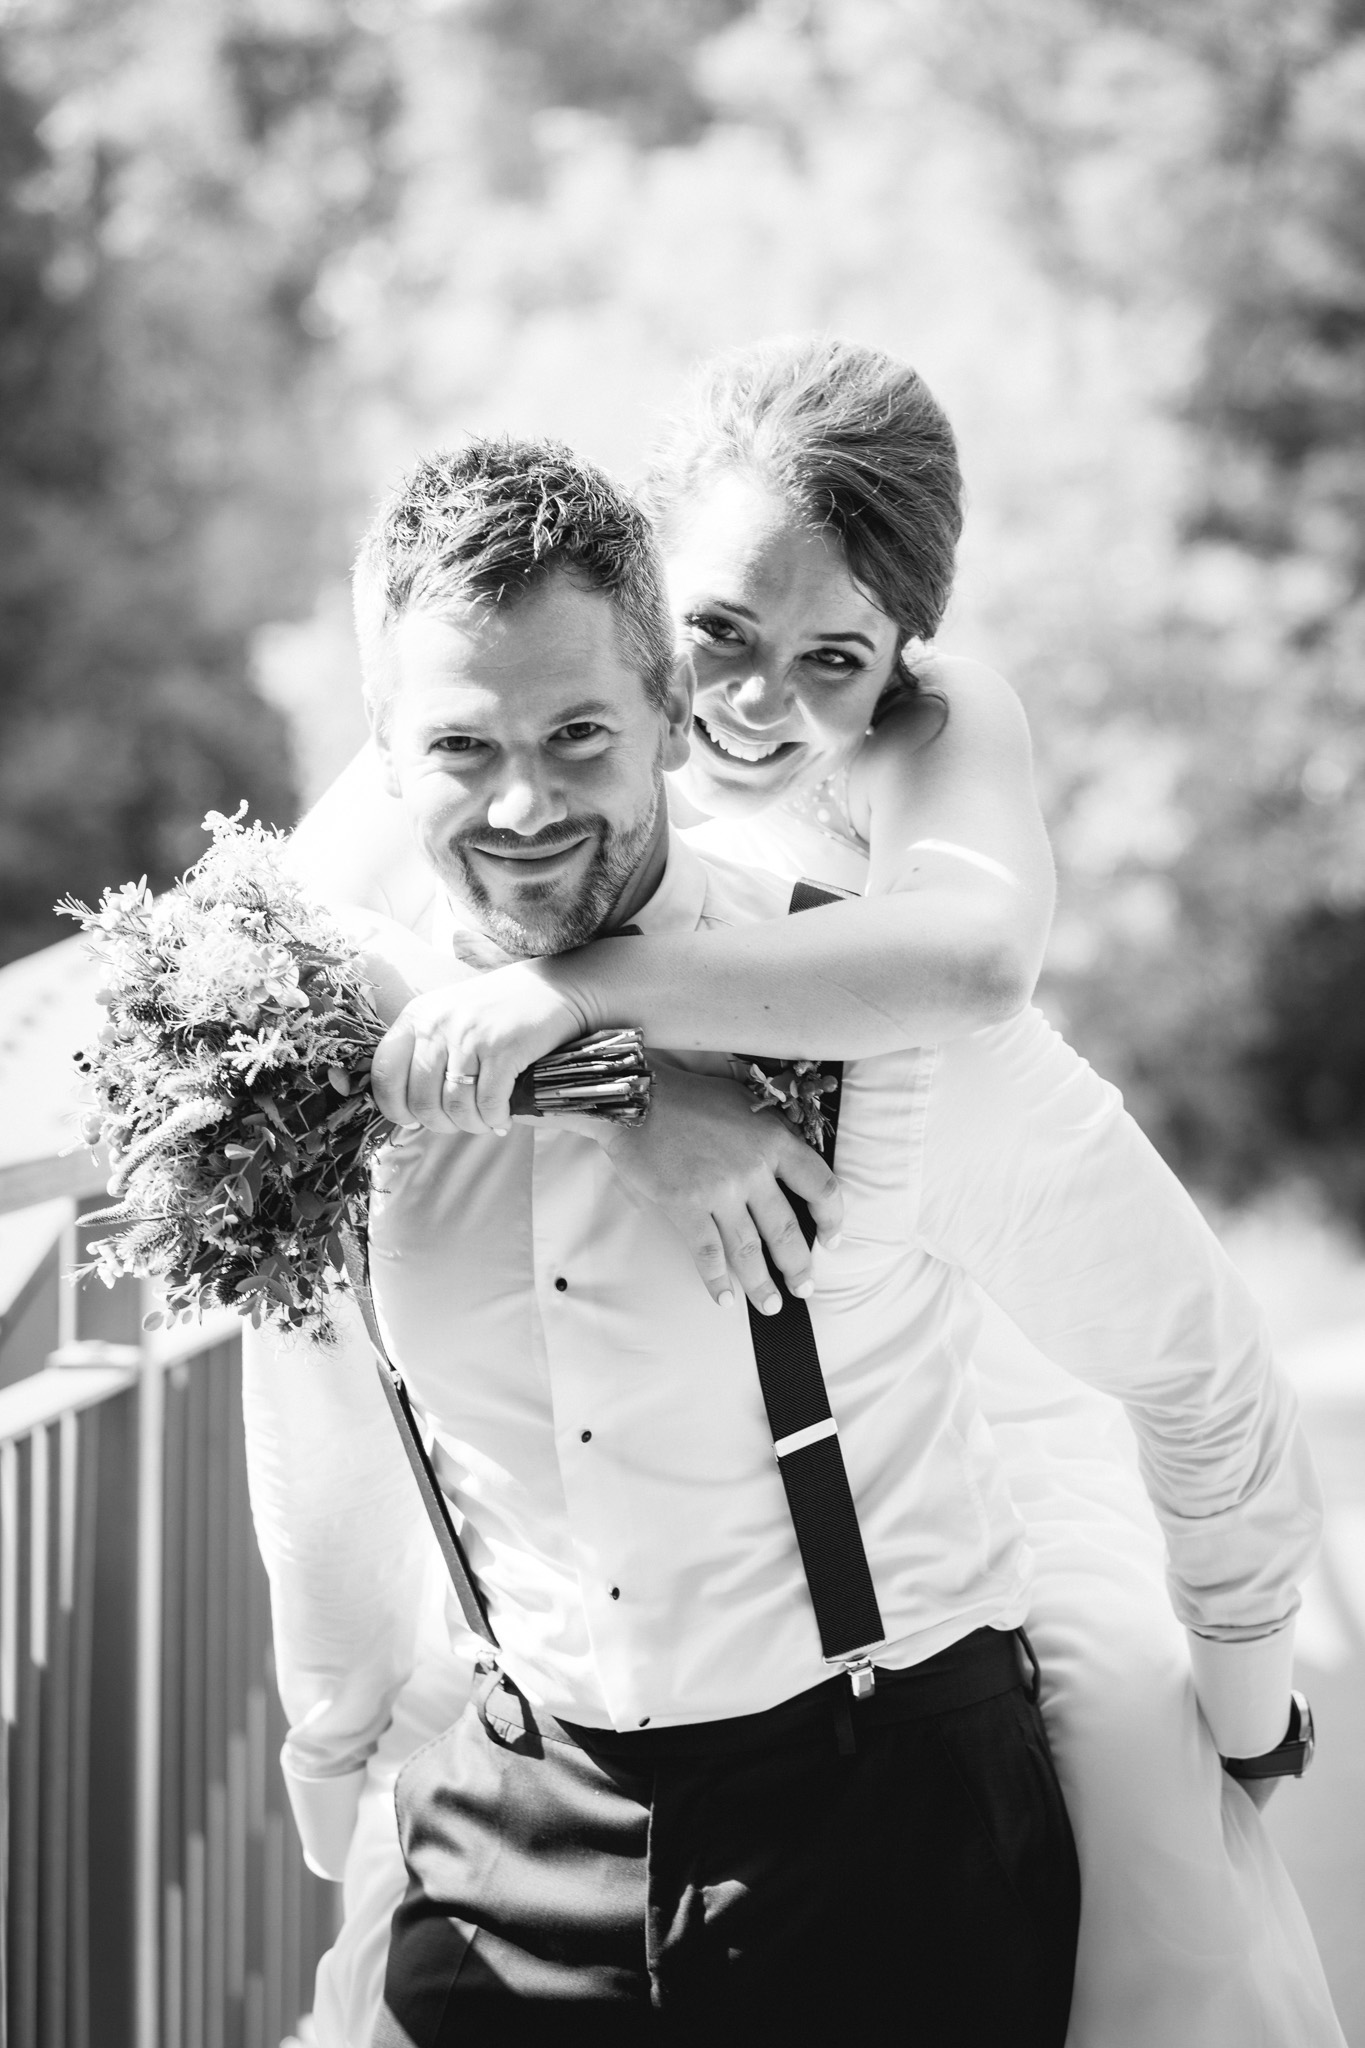 Ženich nese nevěstu na zádech, svatební portrét